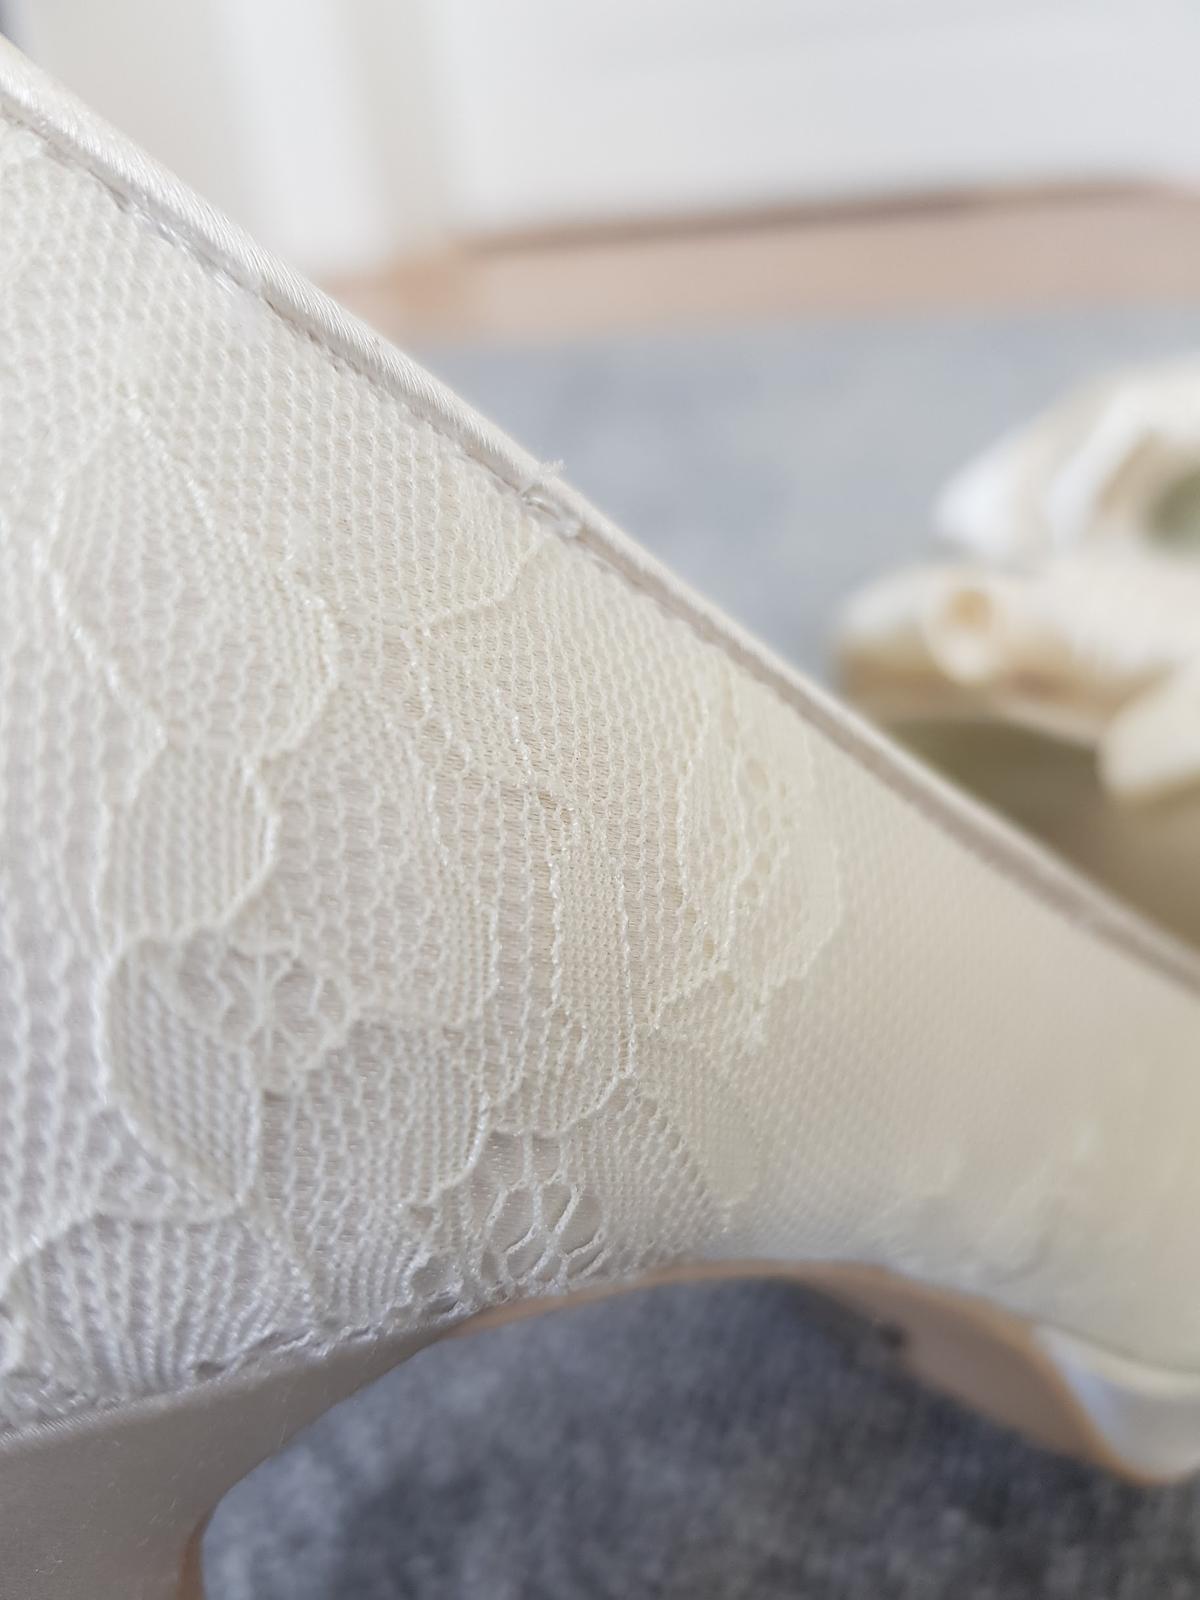 Menbur svatební peep-toe boty - Obrázek č. 4